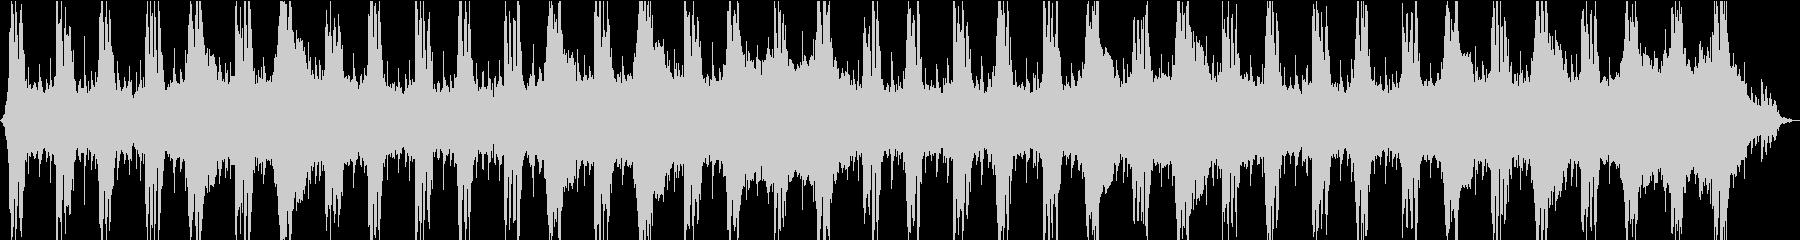 重たい打楽器のアクション系オーケストラの未再生の波形